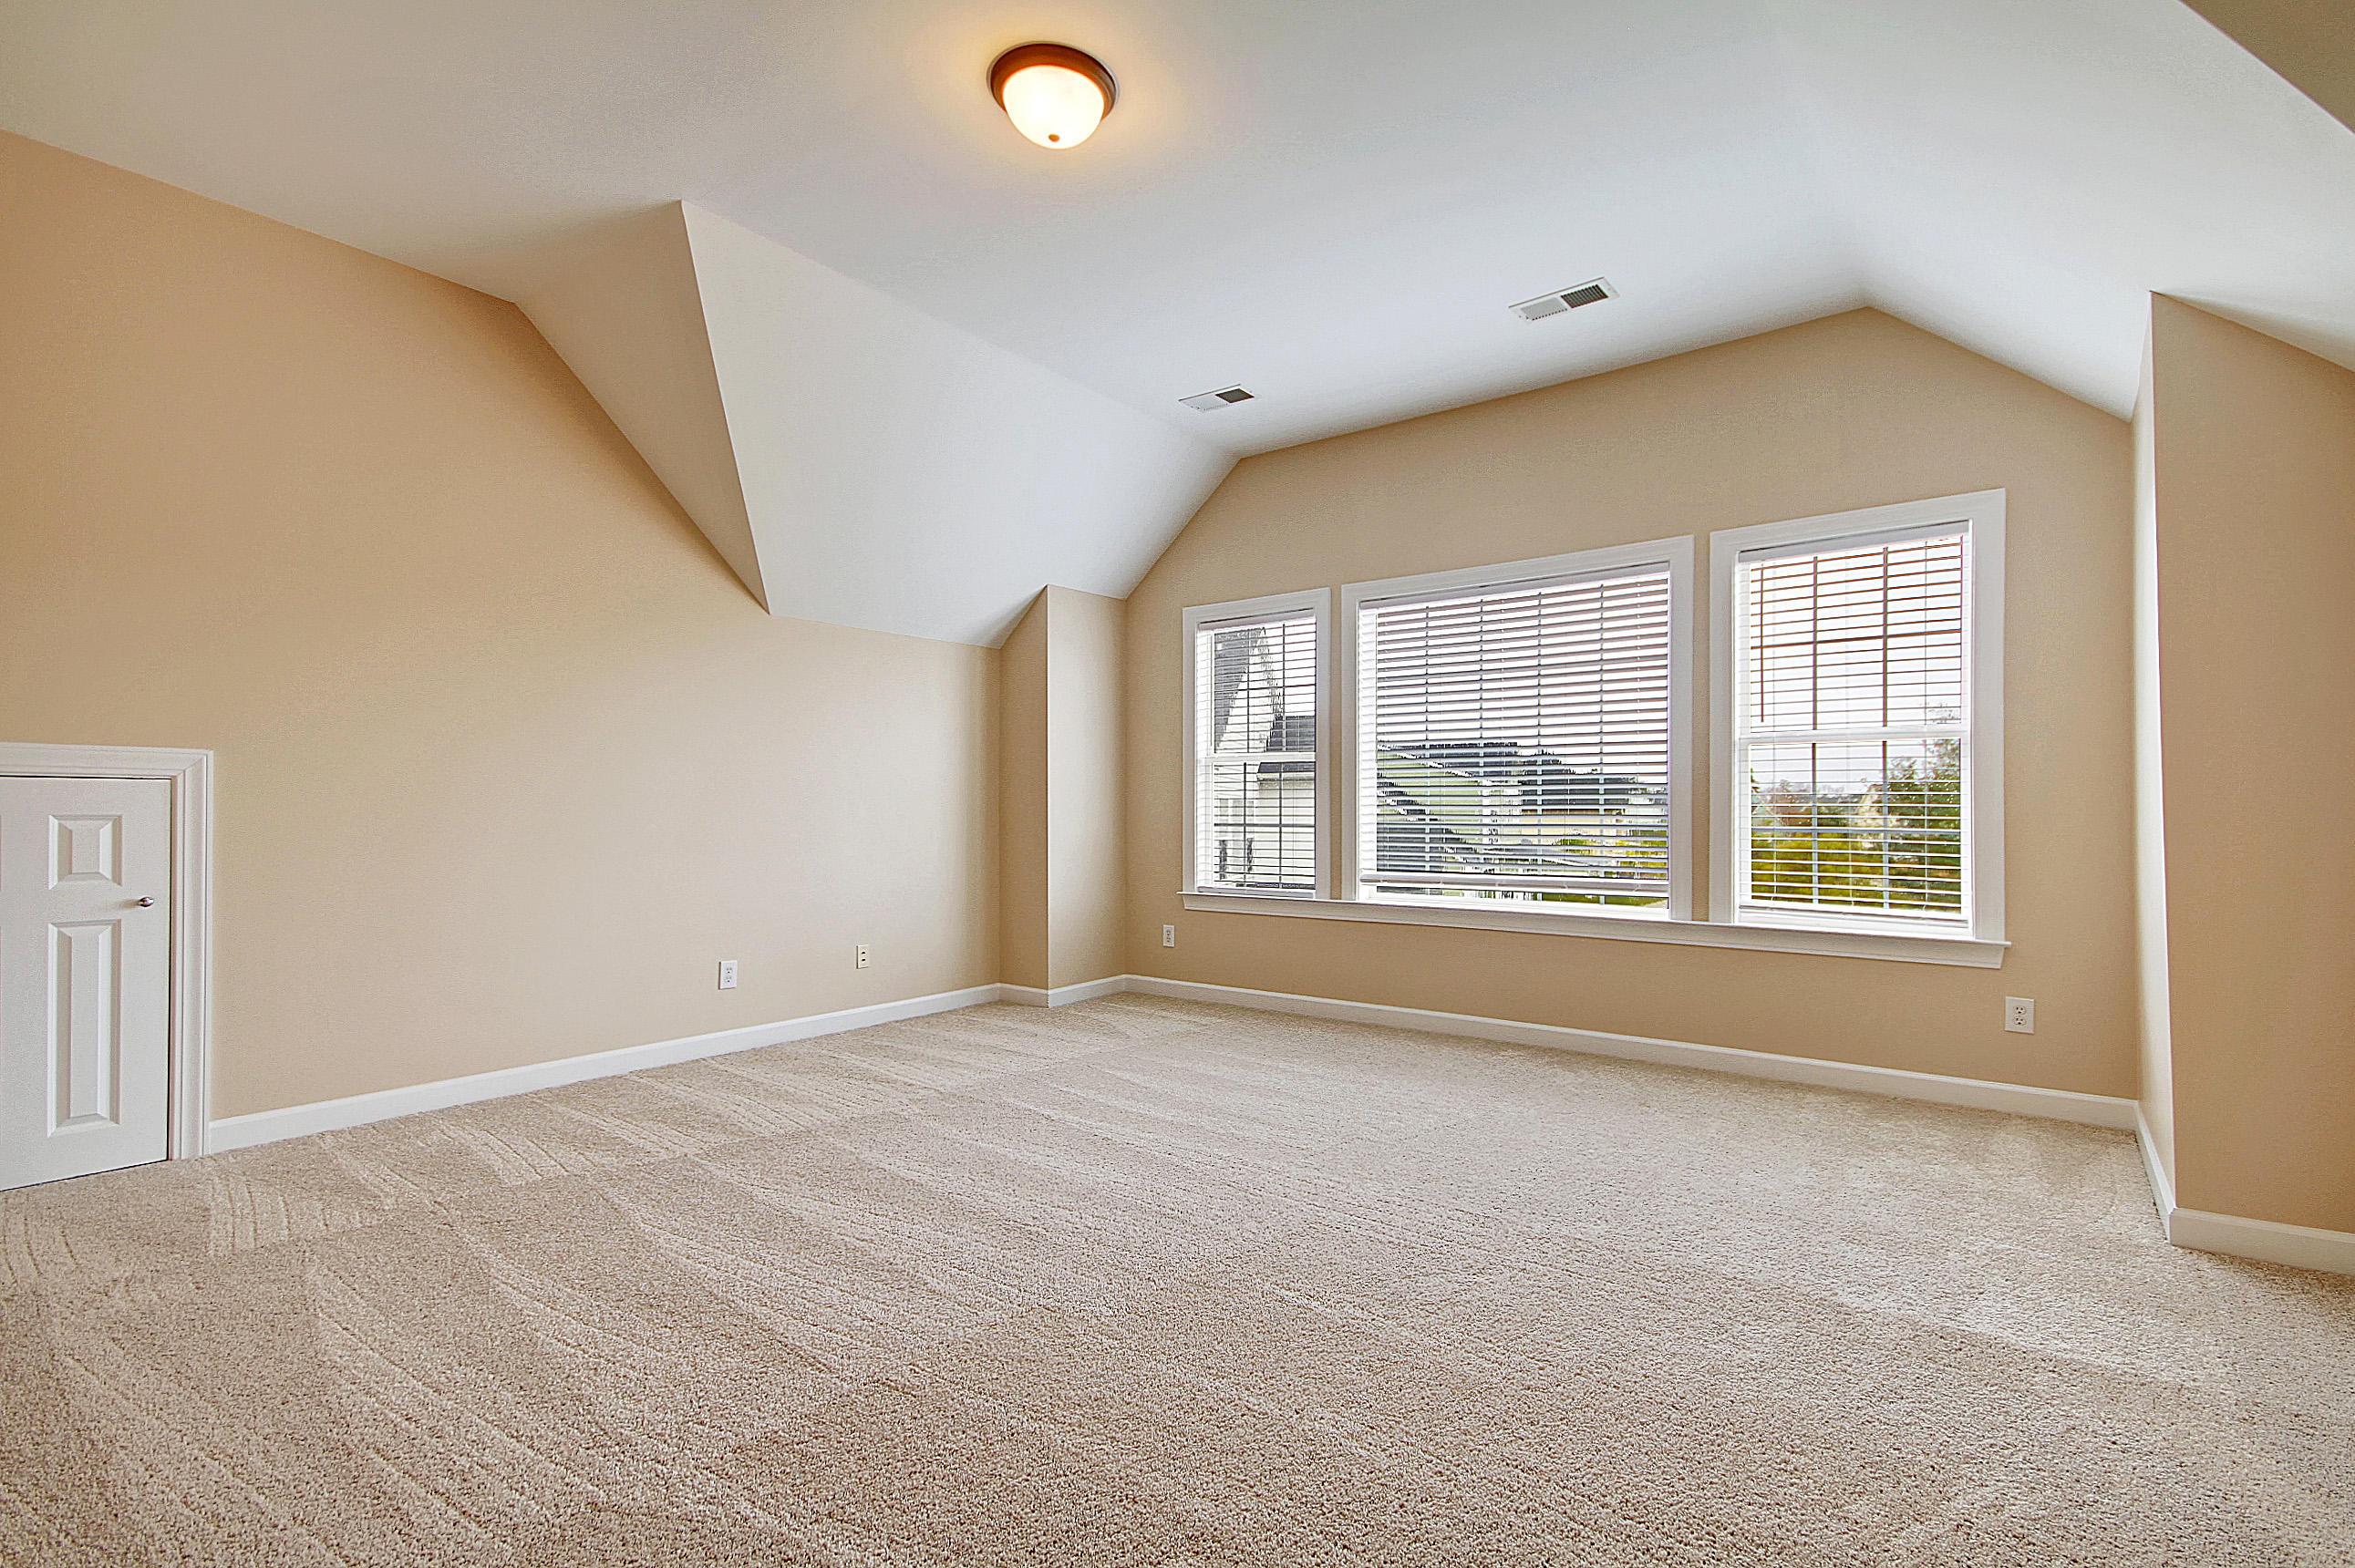 Dunes West Homes For Sale - 1501 Jacaranda, Mount Pleasant, SC - 1